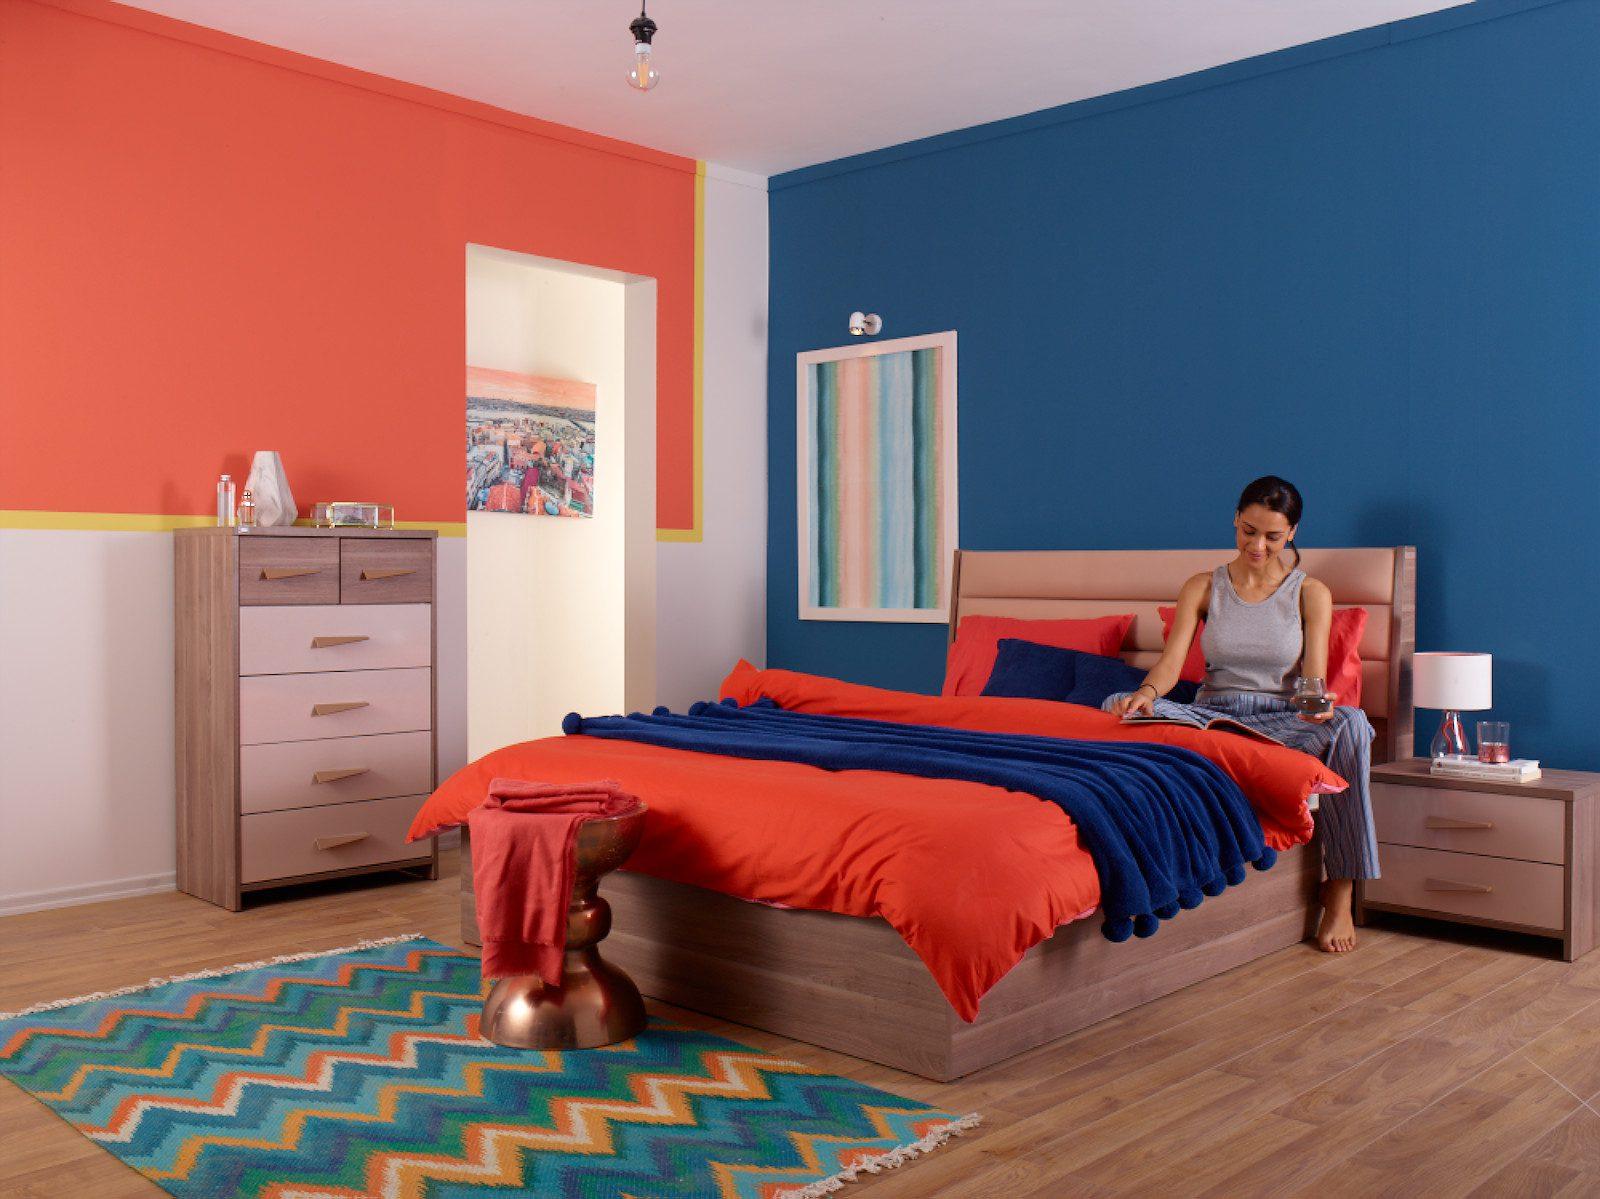 Evdeki odalarda trend renklerin kullanımı.